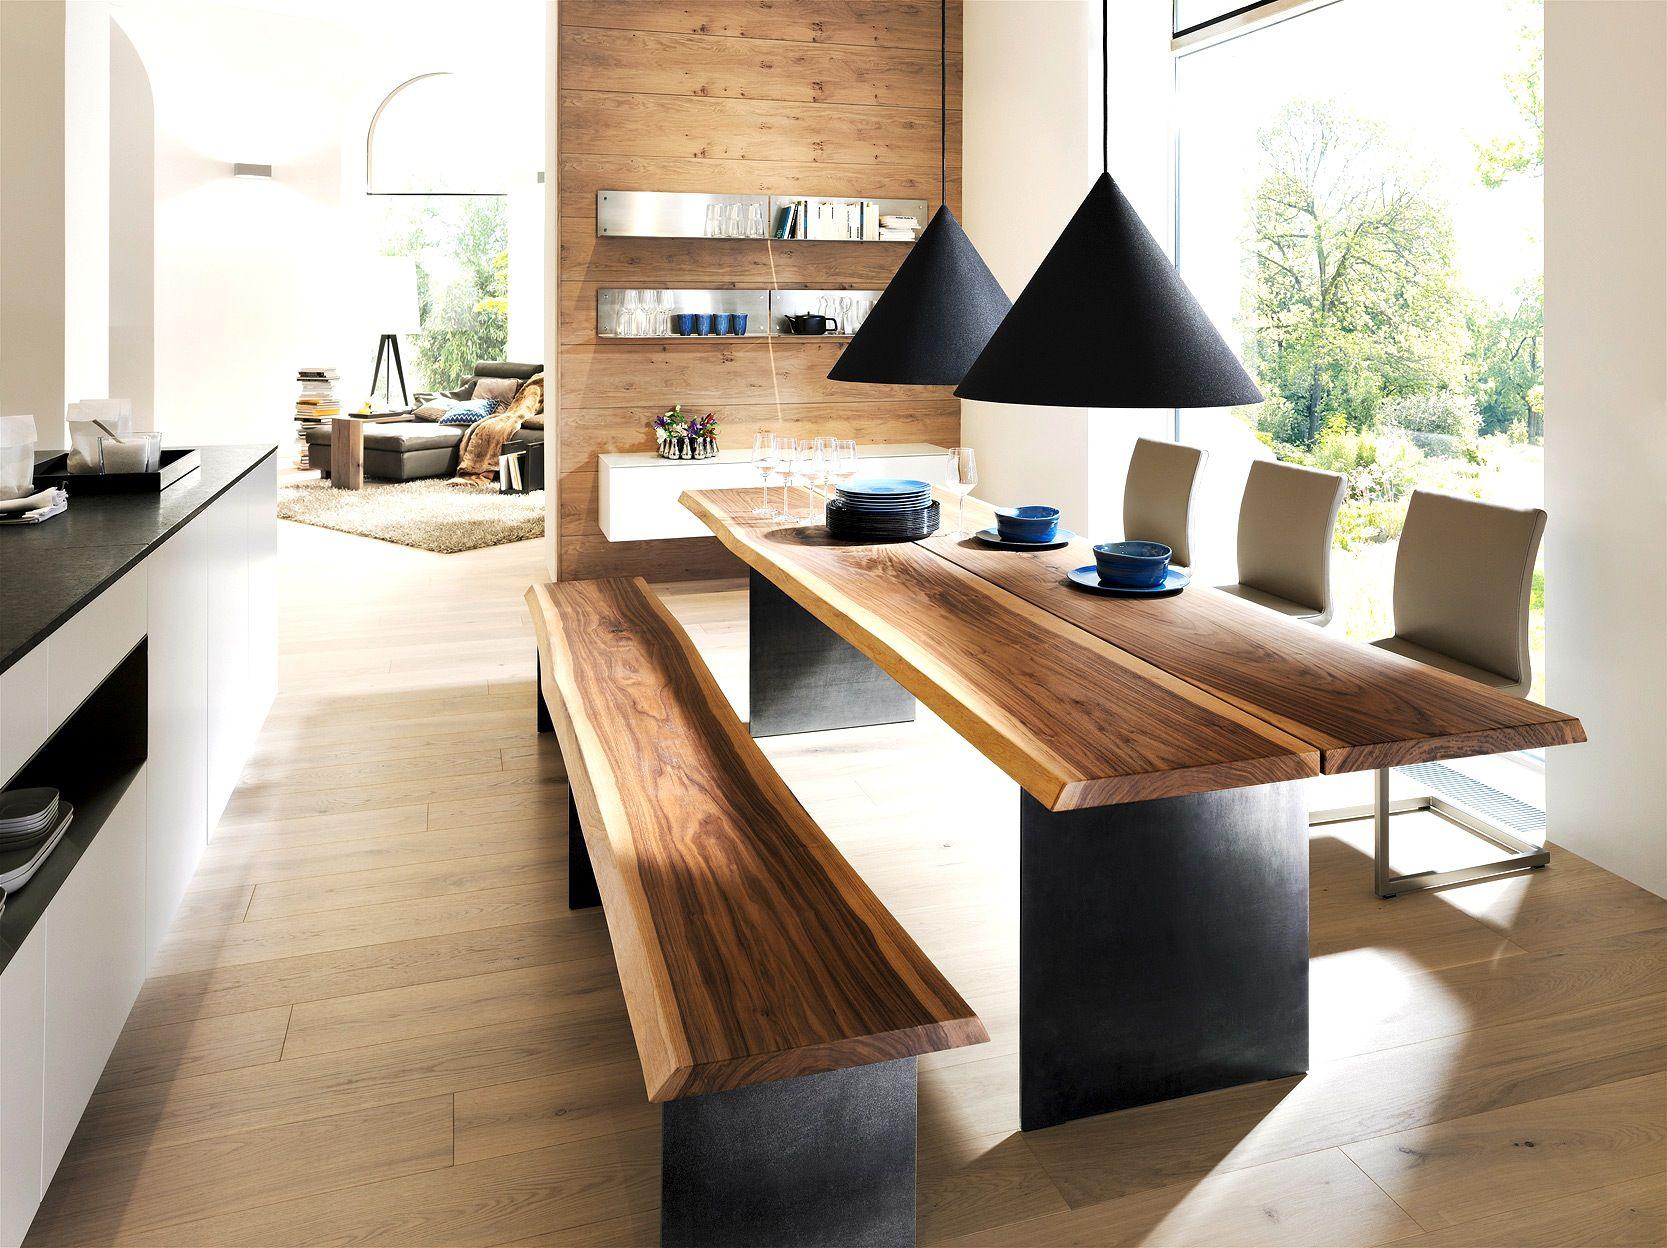 moderne wohnzimmer holz | svastara | Modern dining room ...